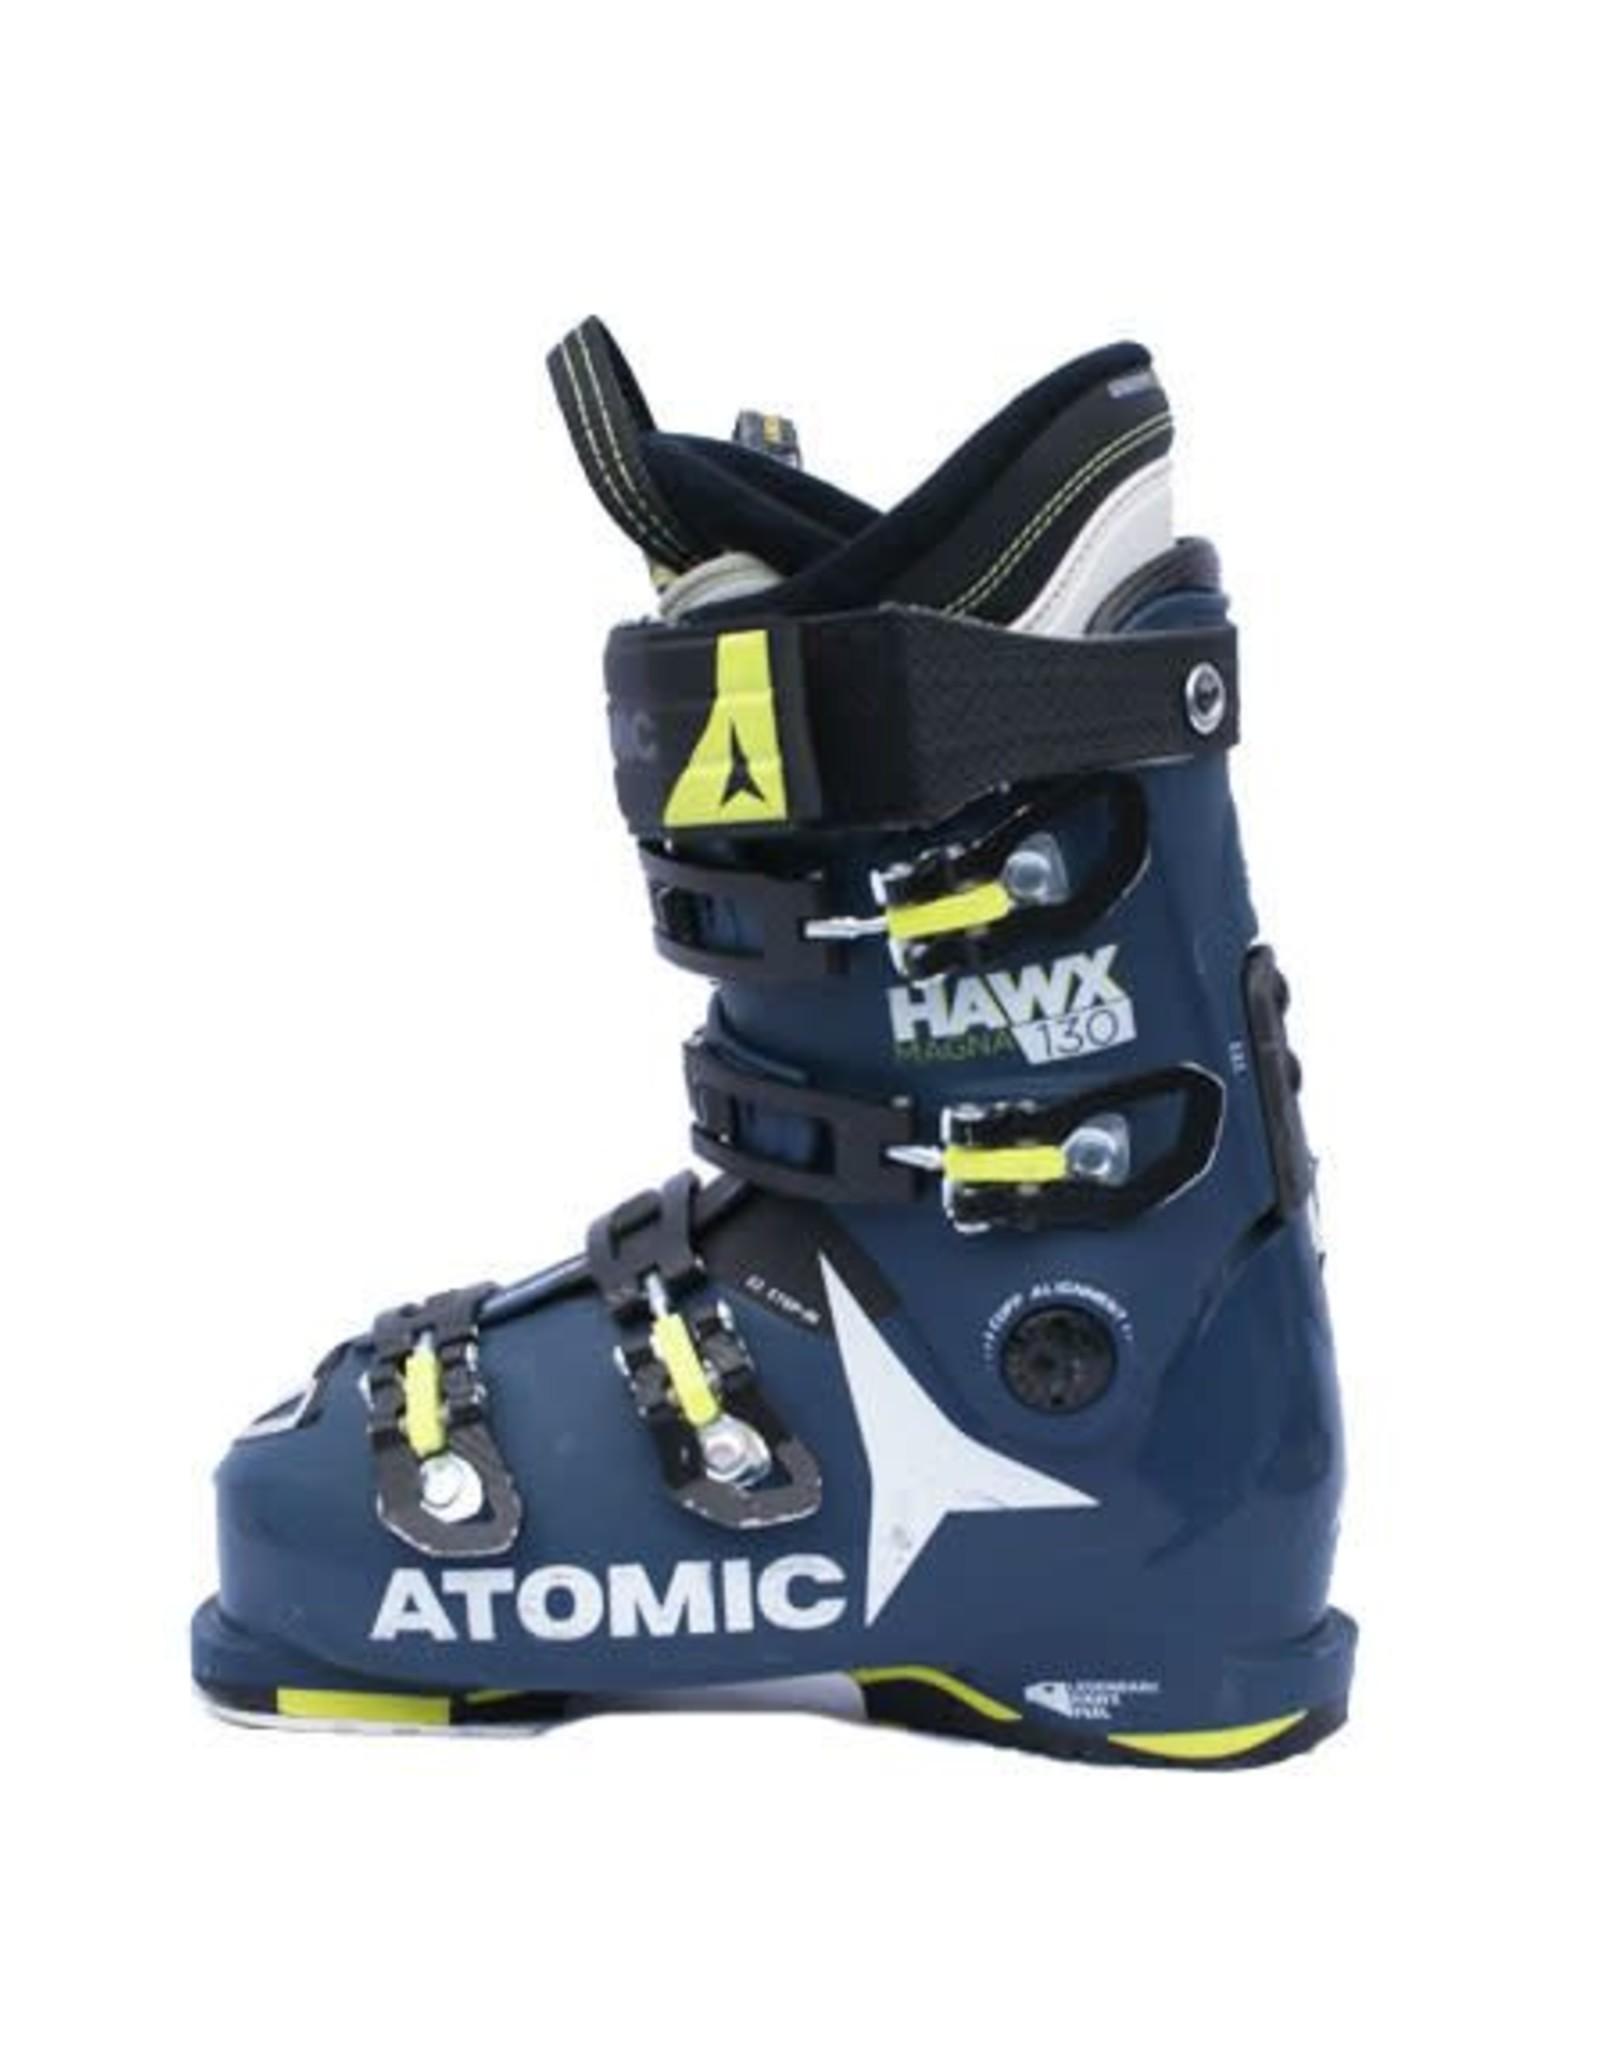 ATOMIC Skischoenen ATOMIC Hawx Magna 130 D.Bl/Geel/Wit Gebruikt